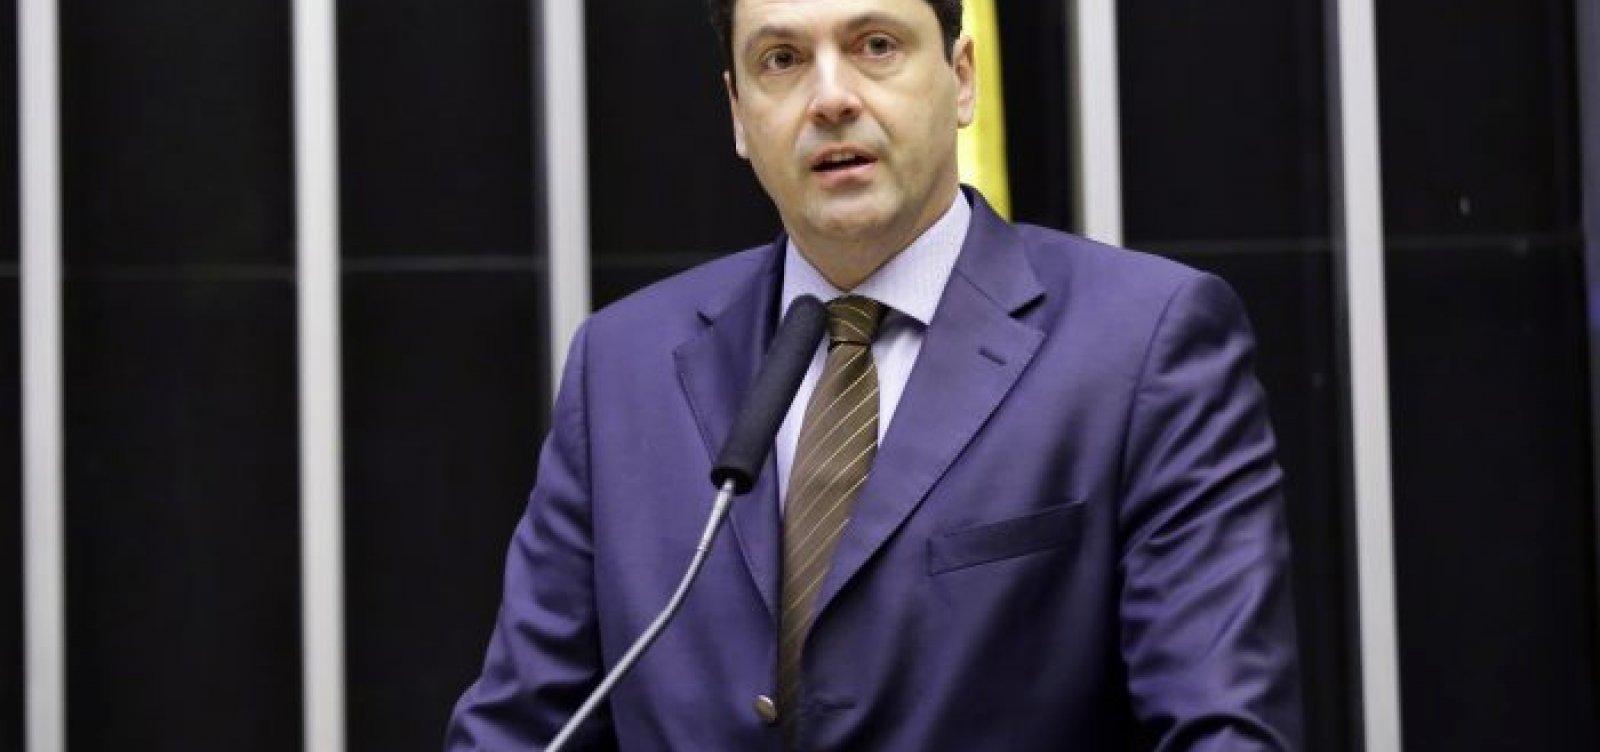 [Príncipe confirma que Bolsonaro o descartou como vice por causa de dossiê falso]